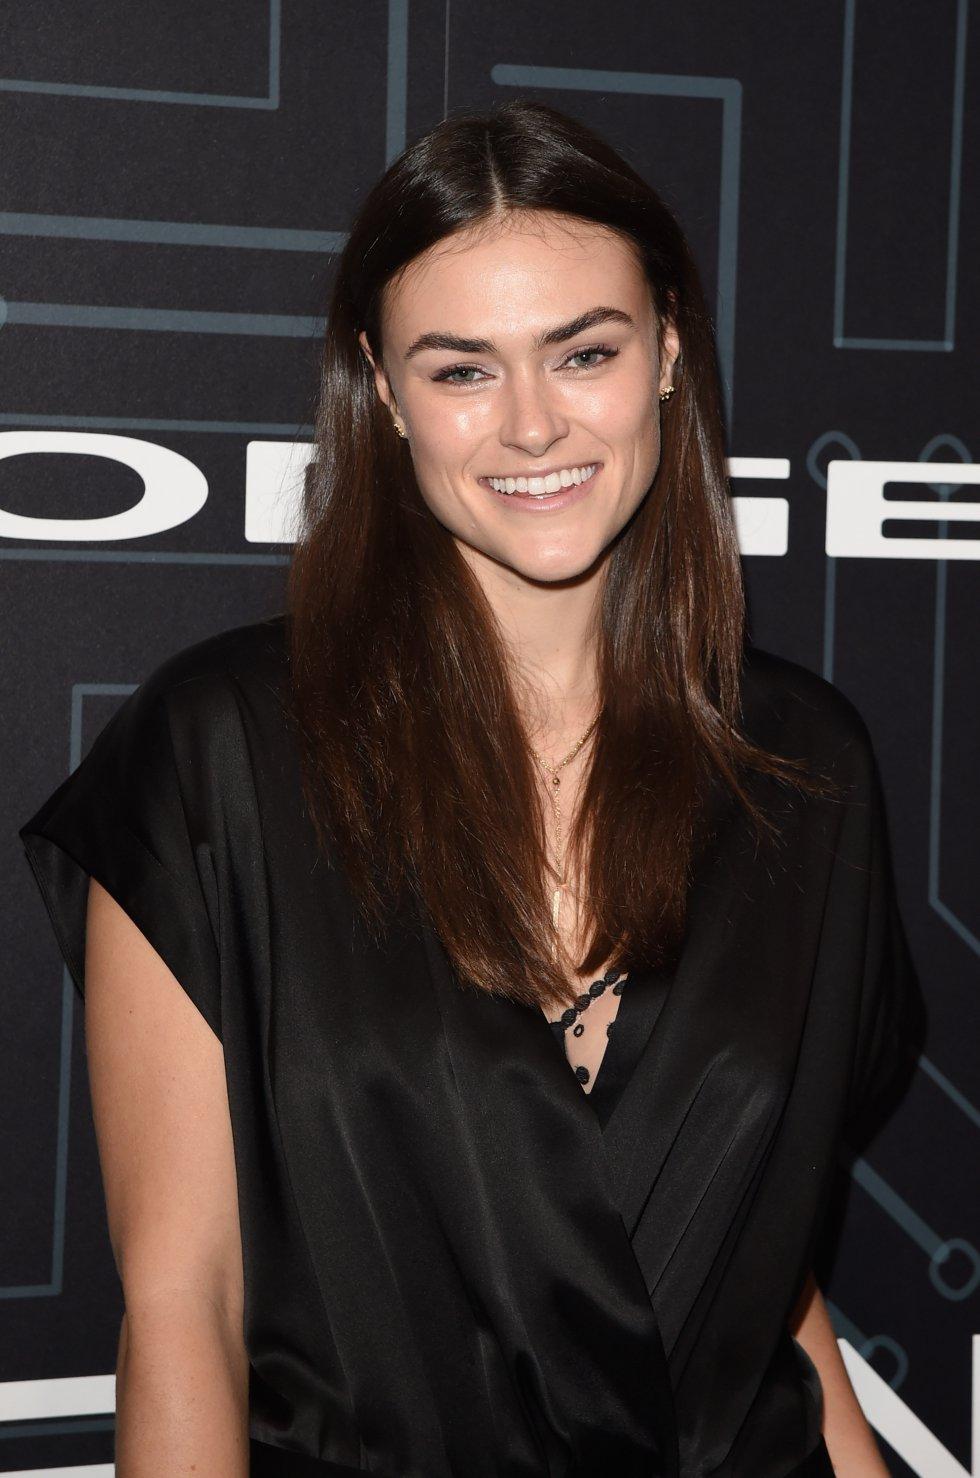 Myla Dalbesio se dio a conocer por ser la primera modelo en romper los estereotipos y posar en ropa interior en Calvin Klein.